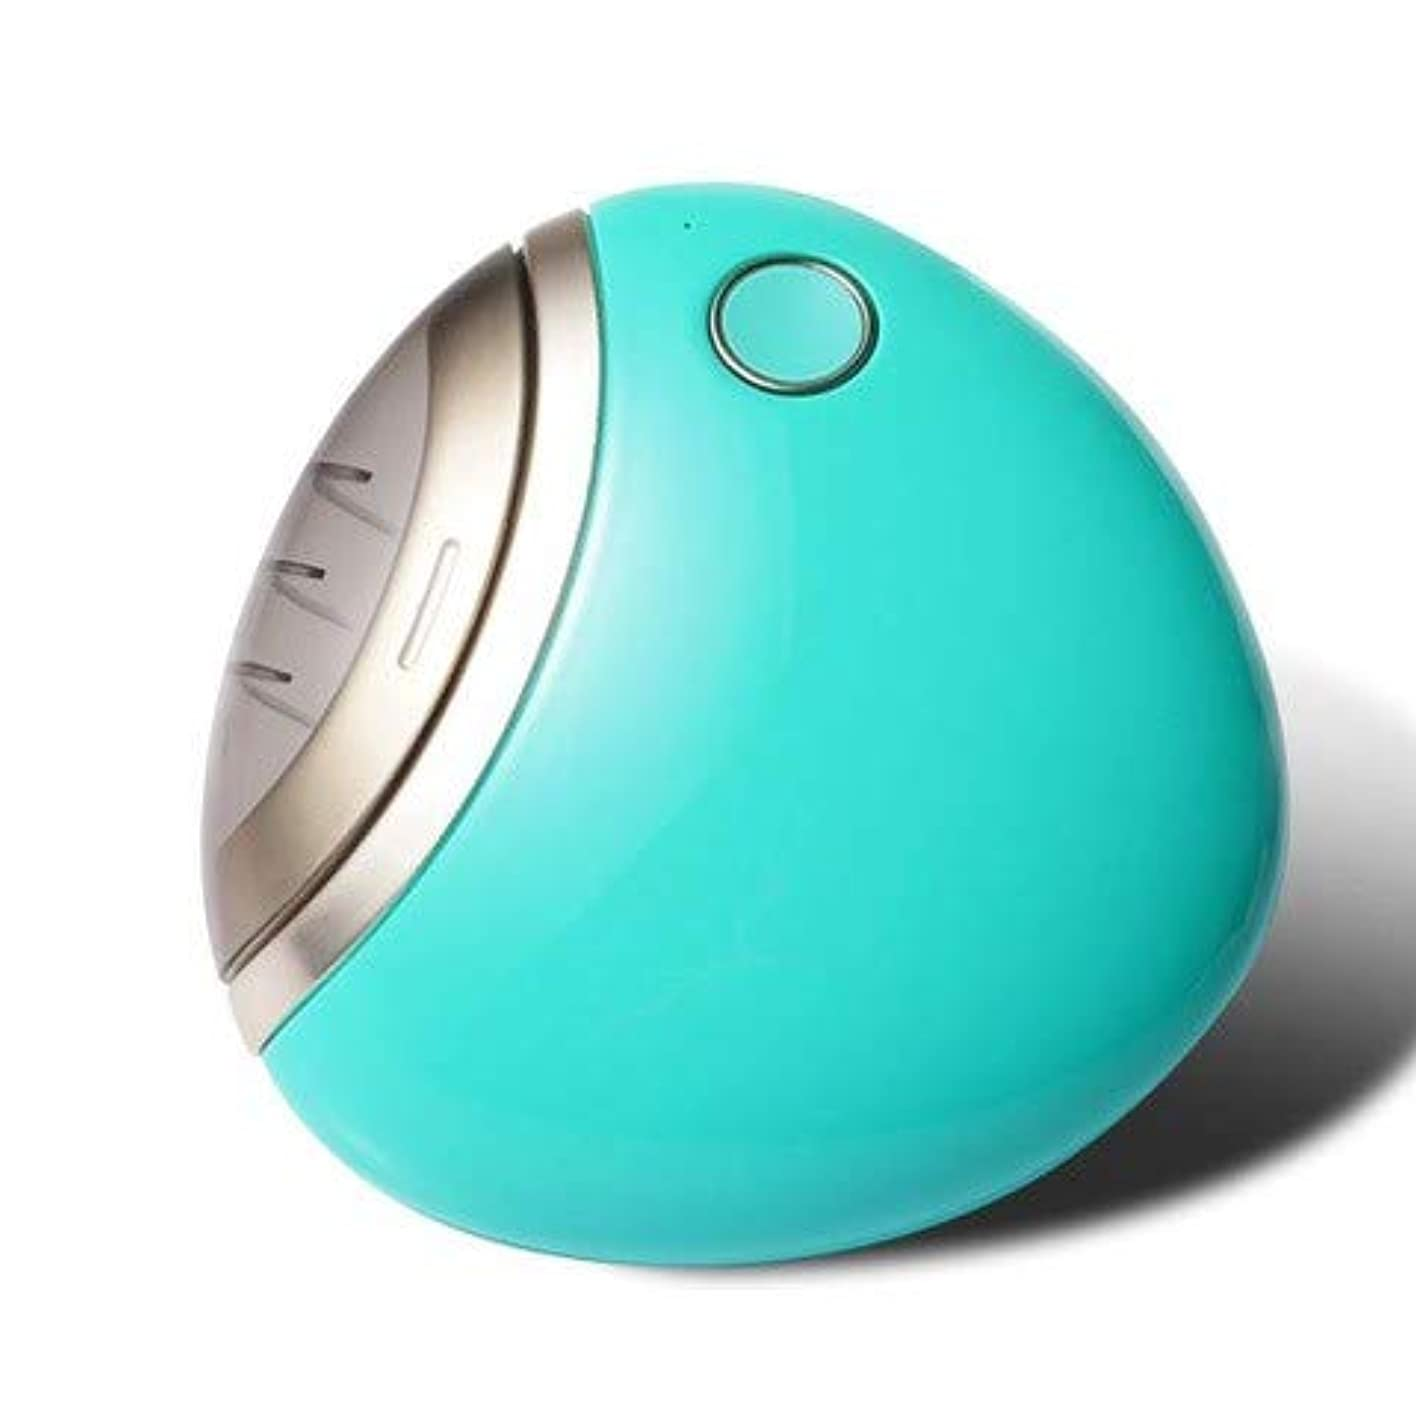 避難関係ドームmarise 電動爪切り 自動爪切り USB充電付き 男女兼用 ネイルケア (グリーン)